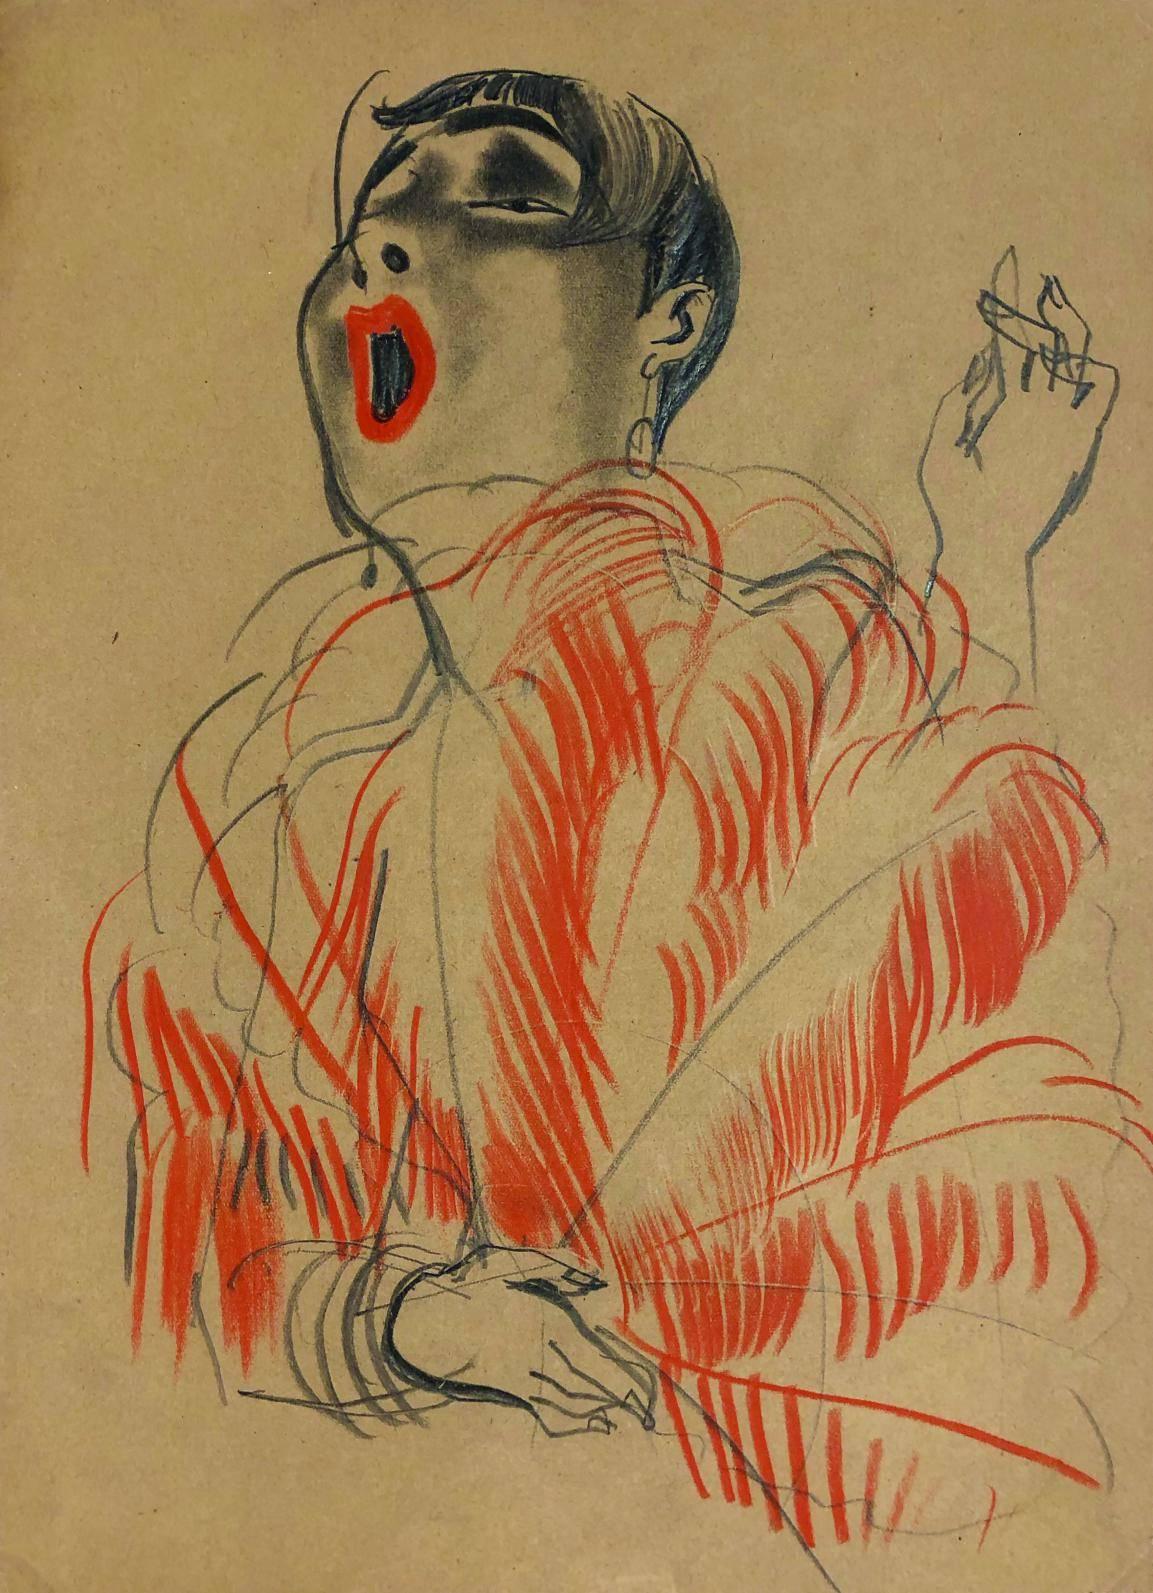 Zeichnung einer Sängerin mit großer roter Boa